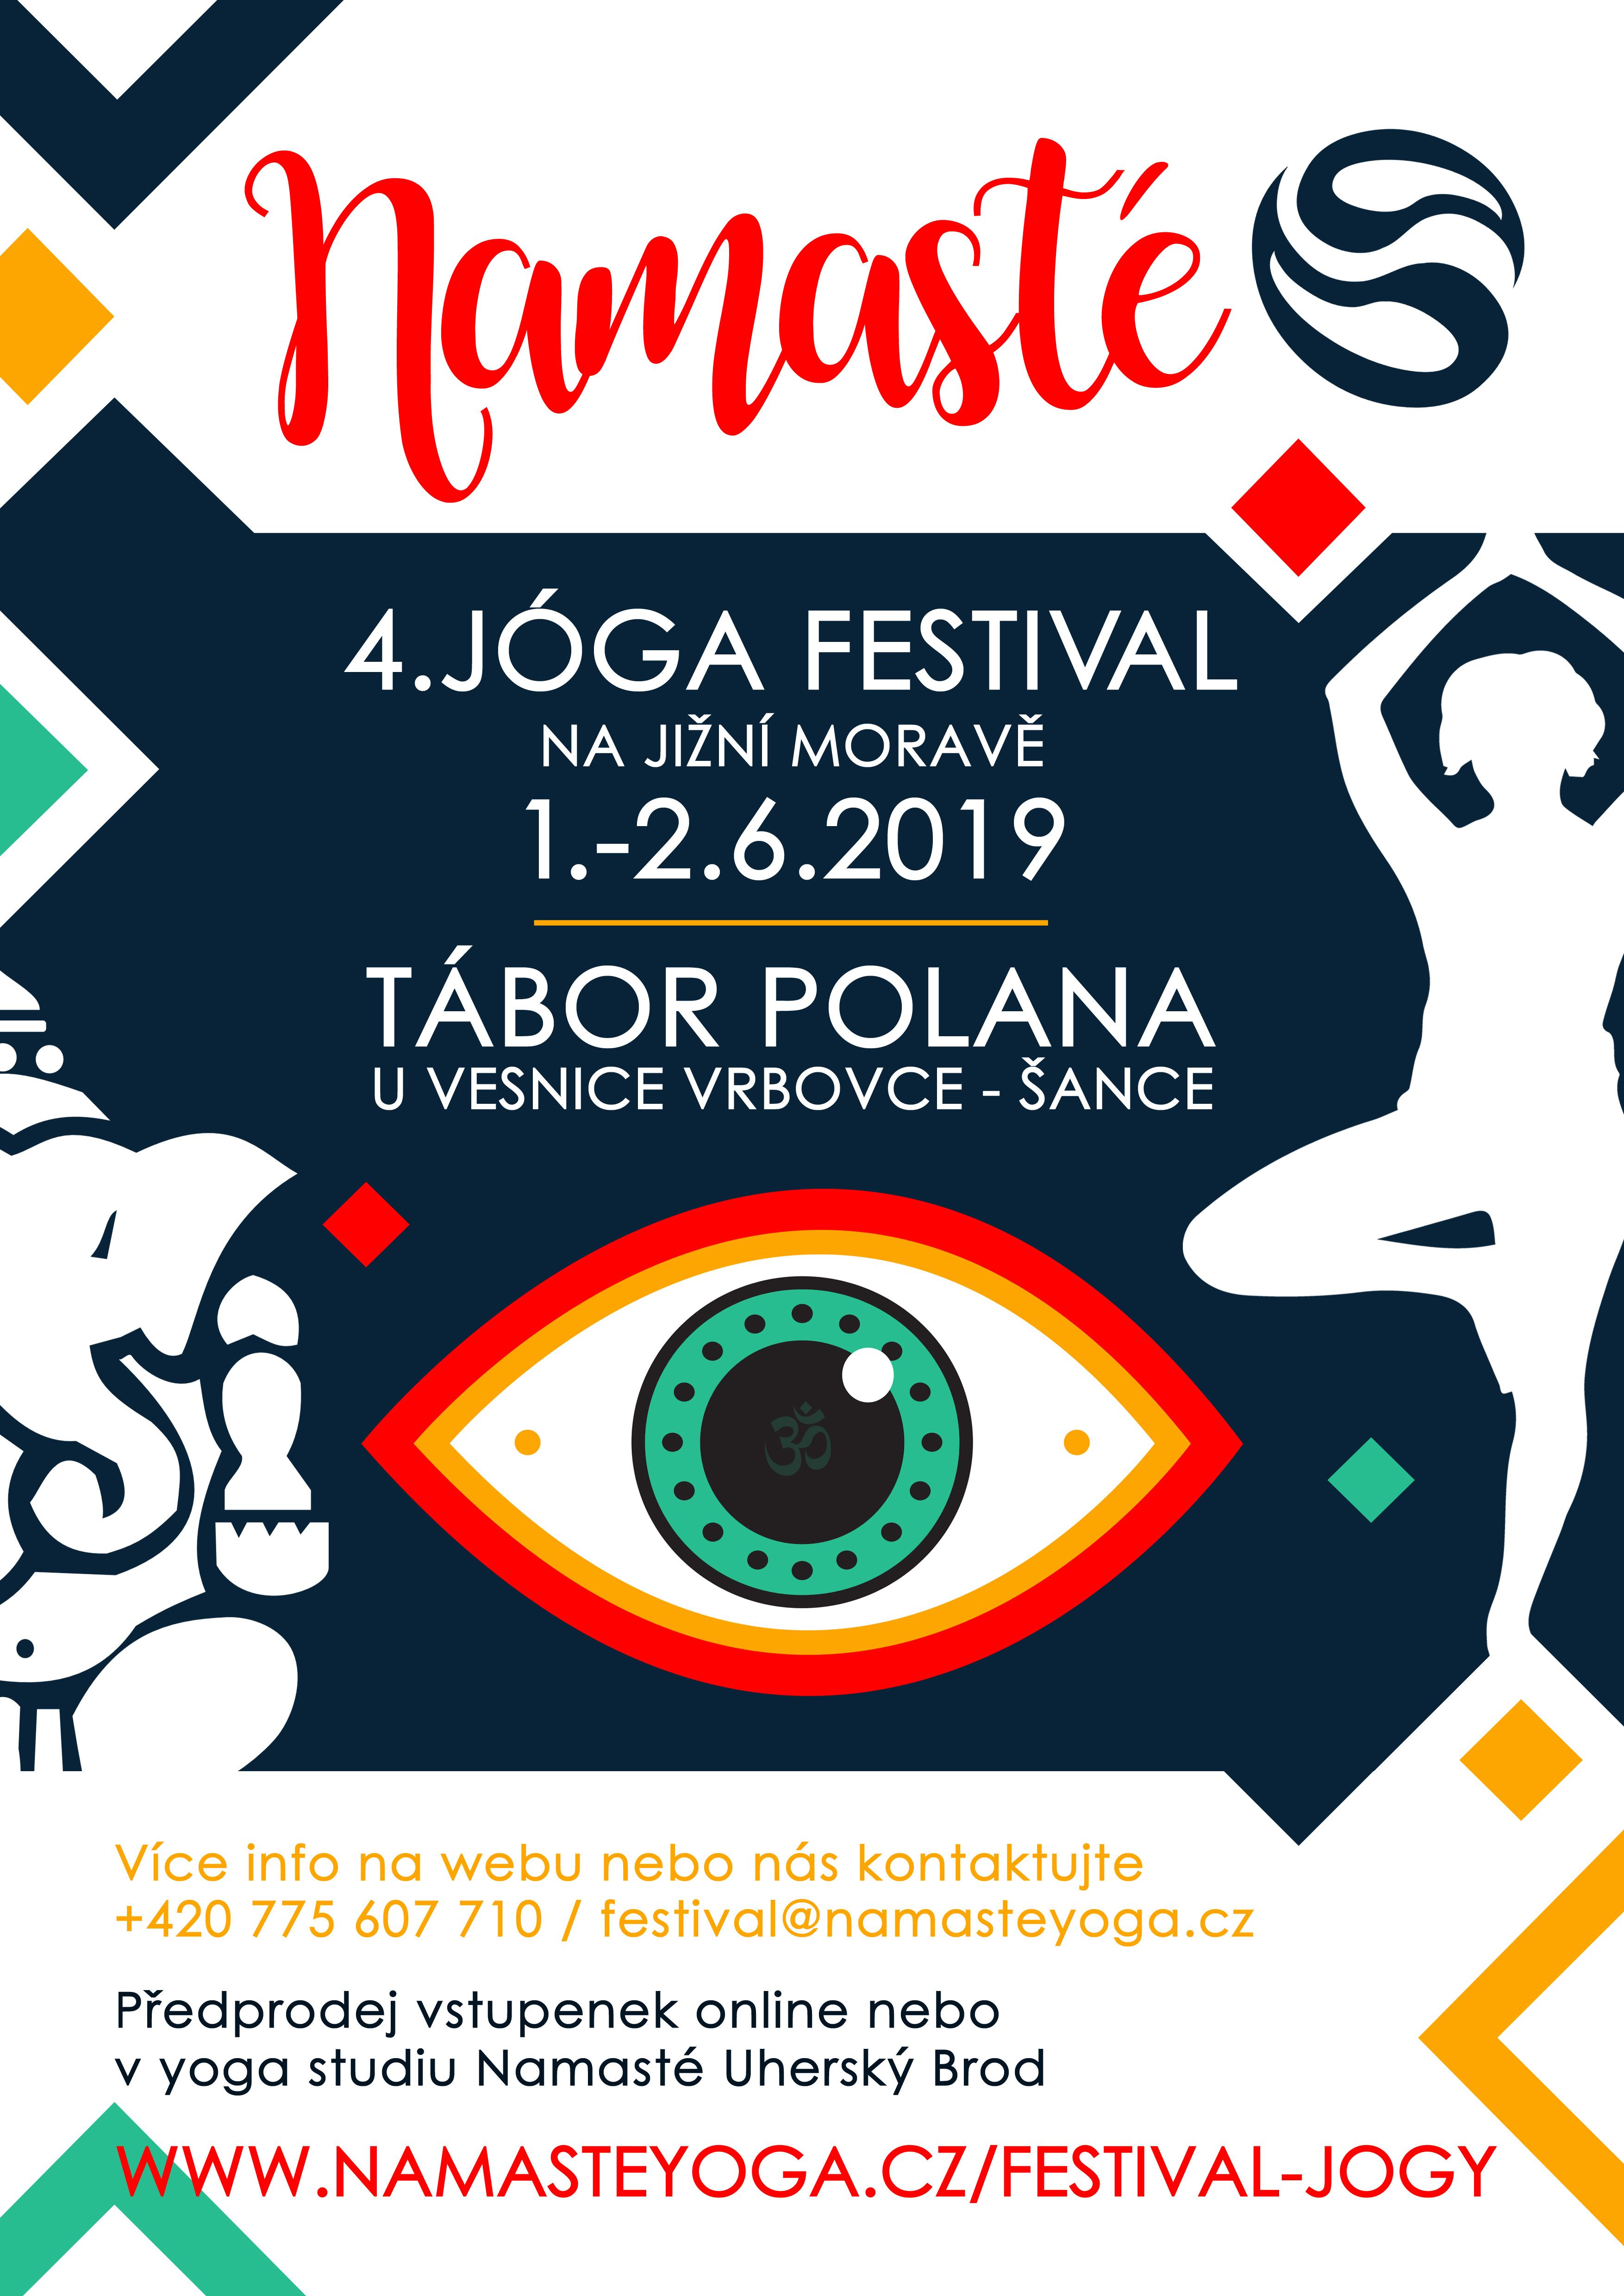 Namasté_festival_2019_hlavní_plakát_3 kopie